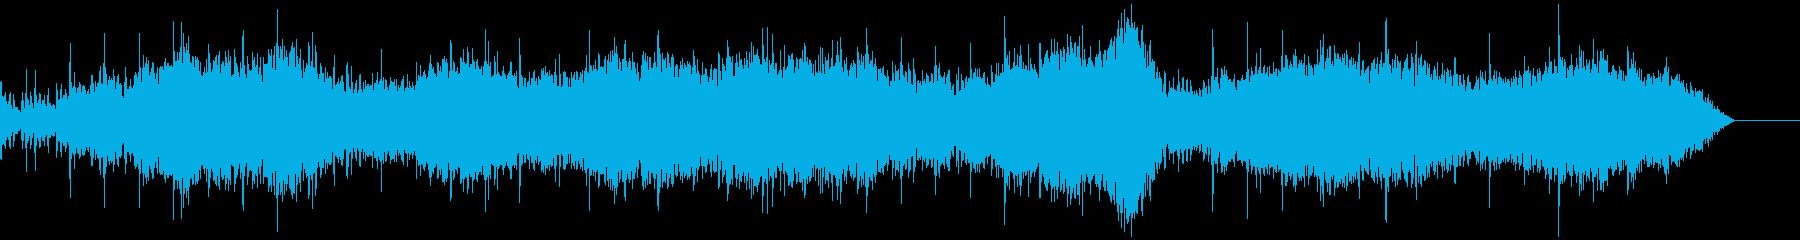 動画 サスペンス 繰り返しの アン...の再生済みの波形